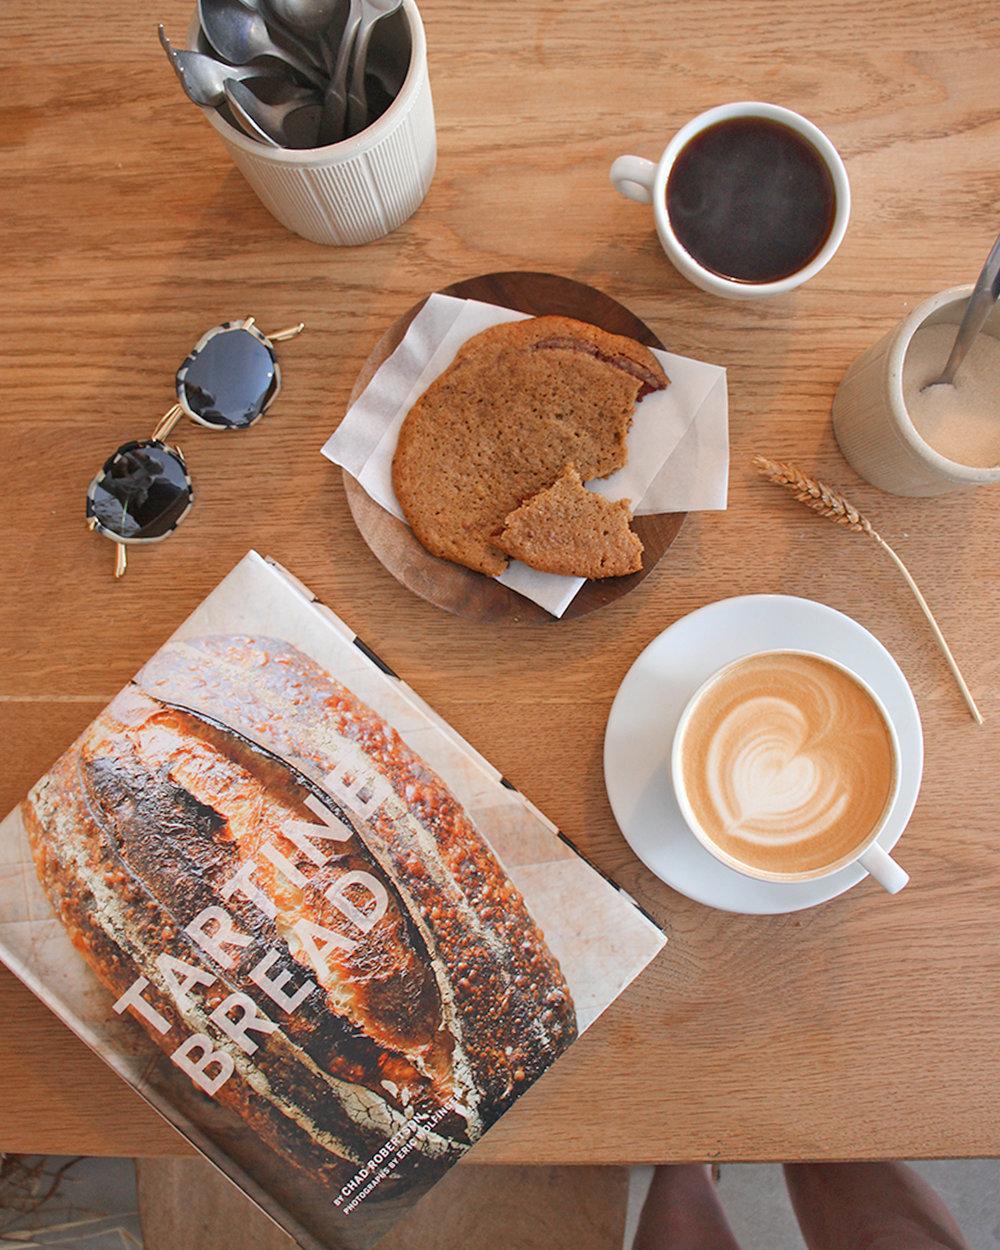 Bath-mini-break-staycation-indie-cafe-landrace-bakery-nancy-straughan.jpg